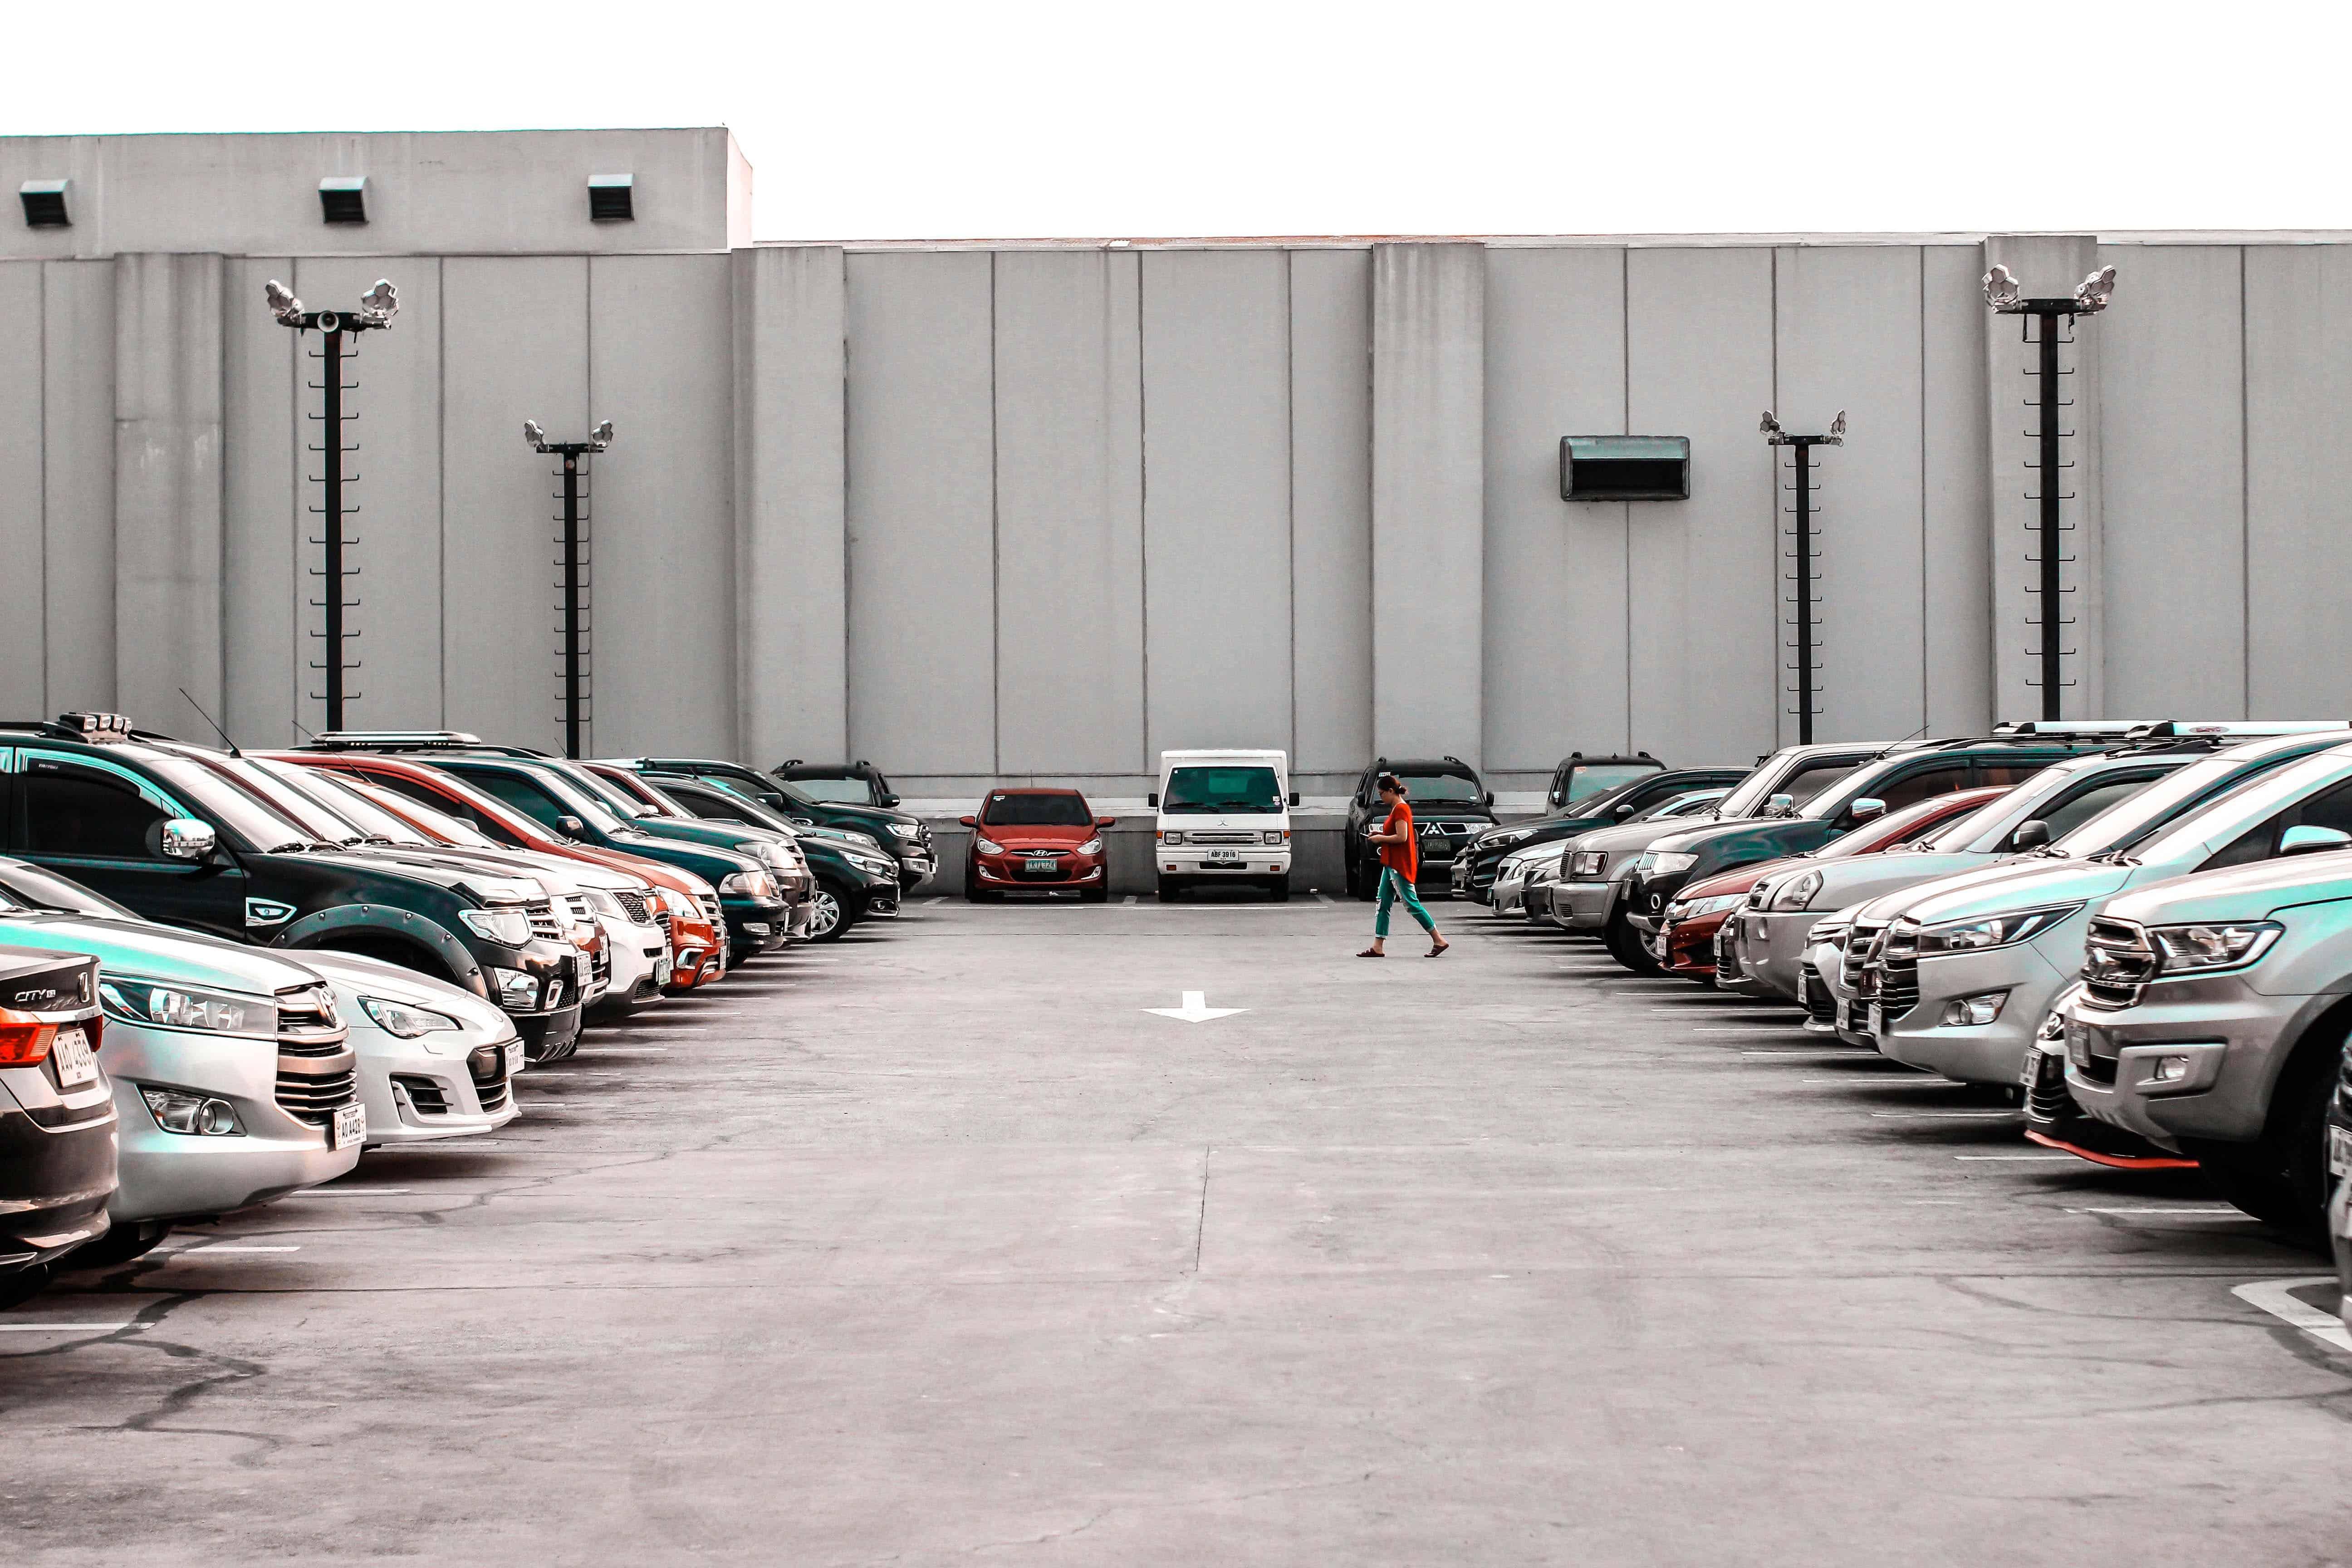 Compartilhamento De Carros Corporativos: Chave Virtual Para A Satisfação Dos Funcionários E Redução De Custos Da Sua Frota De Veículos.